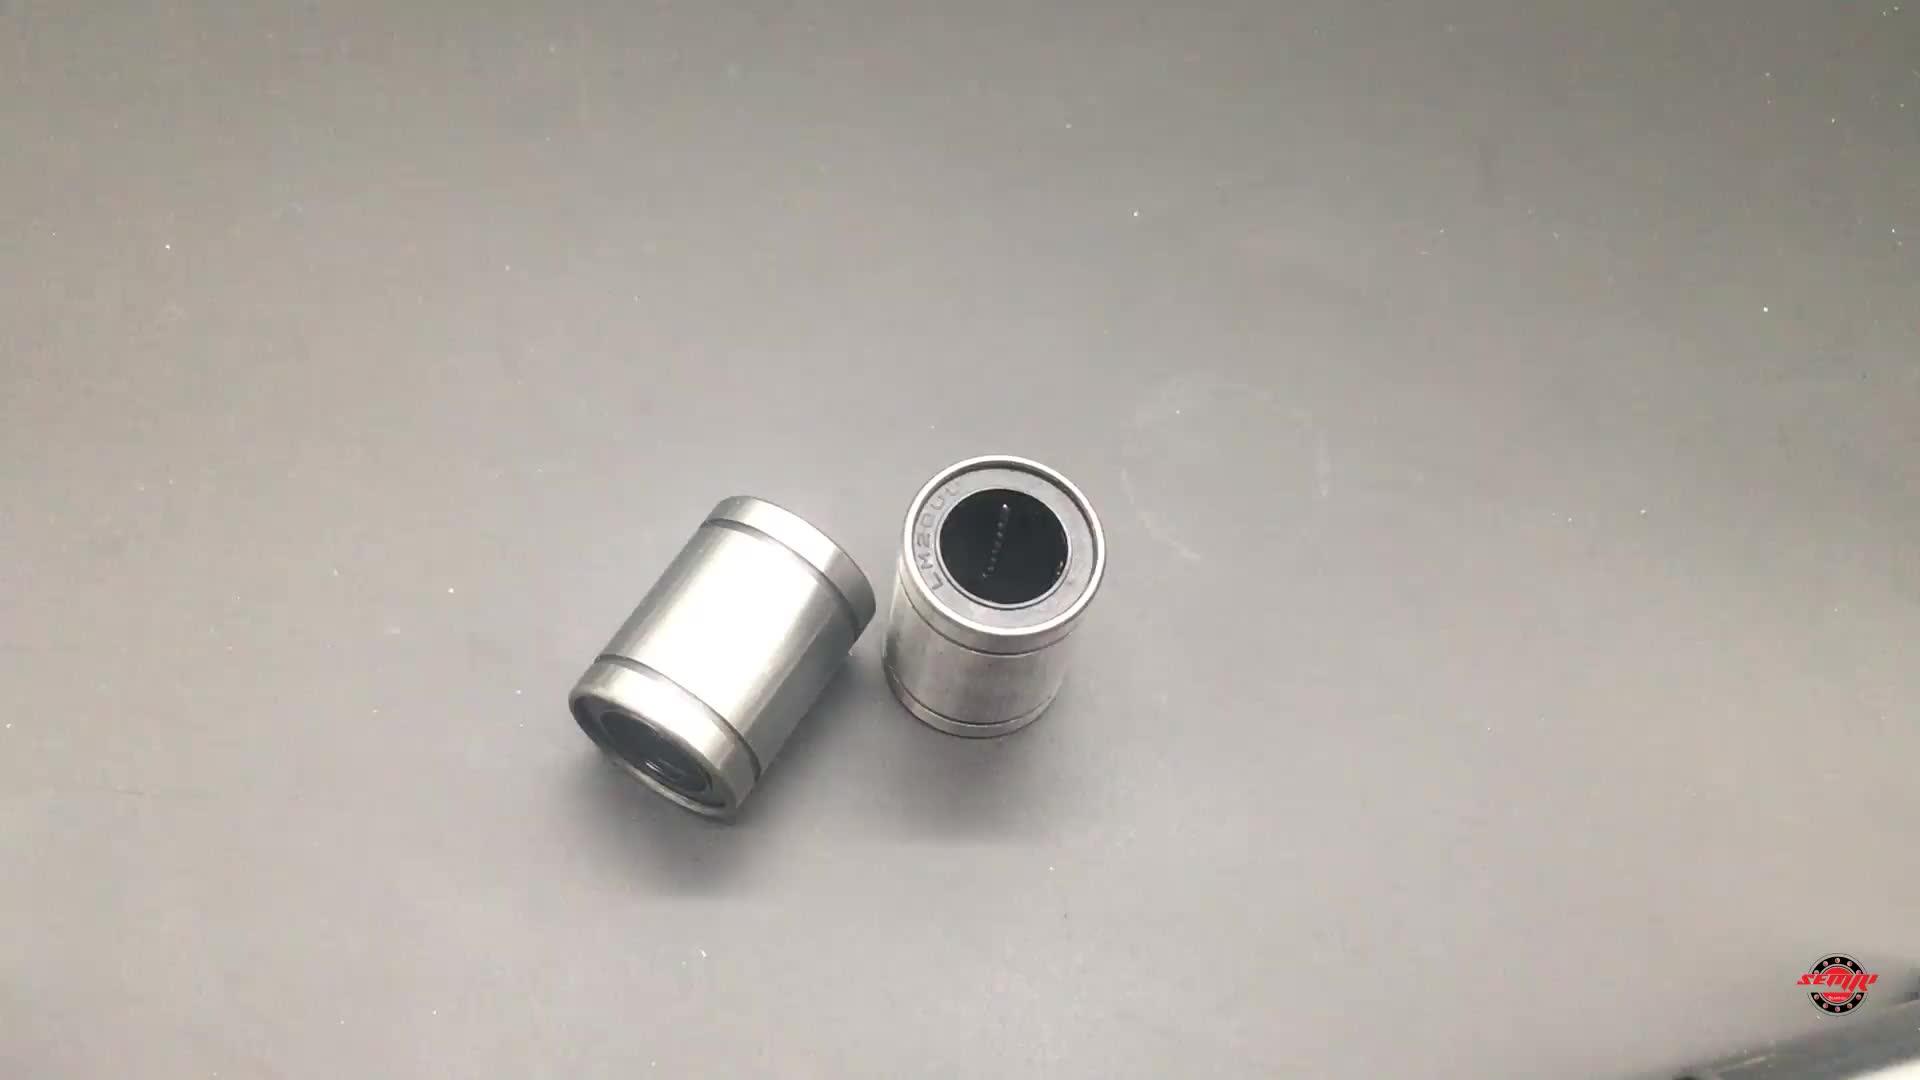 स्लाइड गेंद 6mm लघु रेखीय गति असर LM6UU